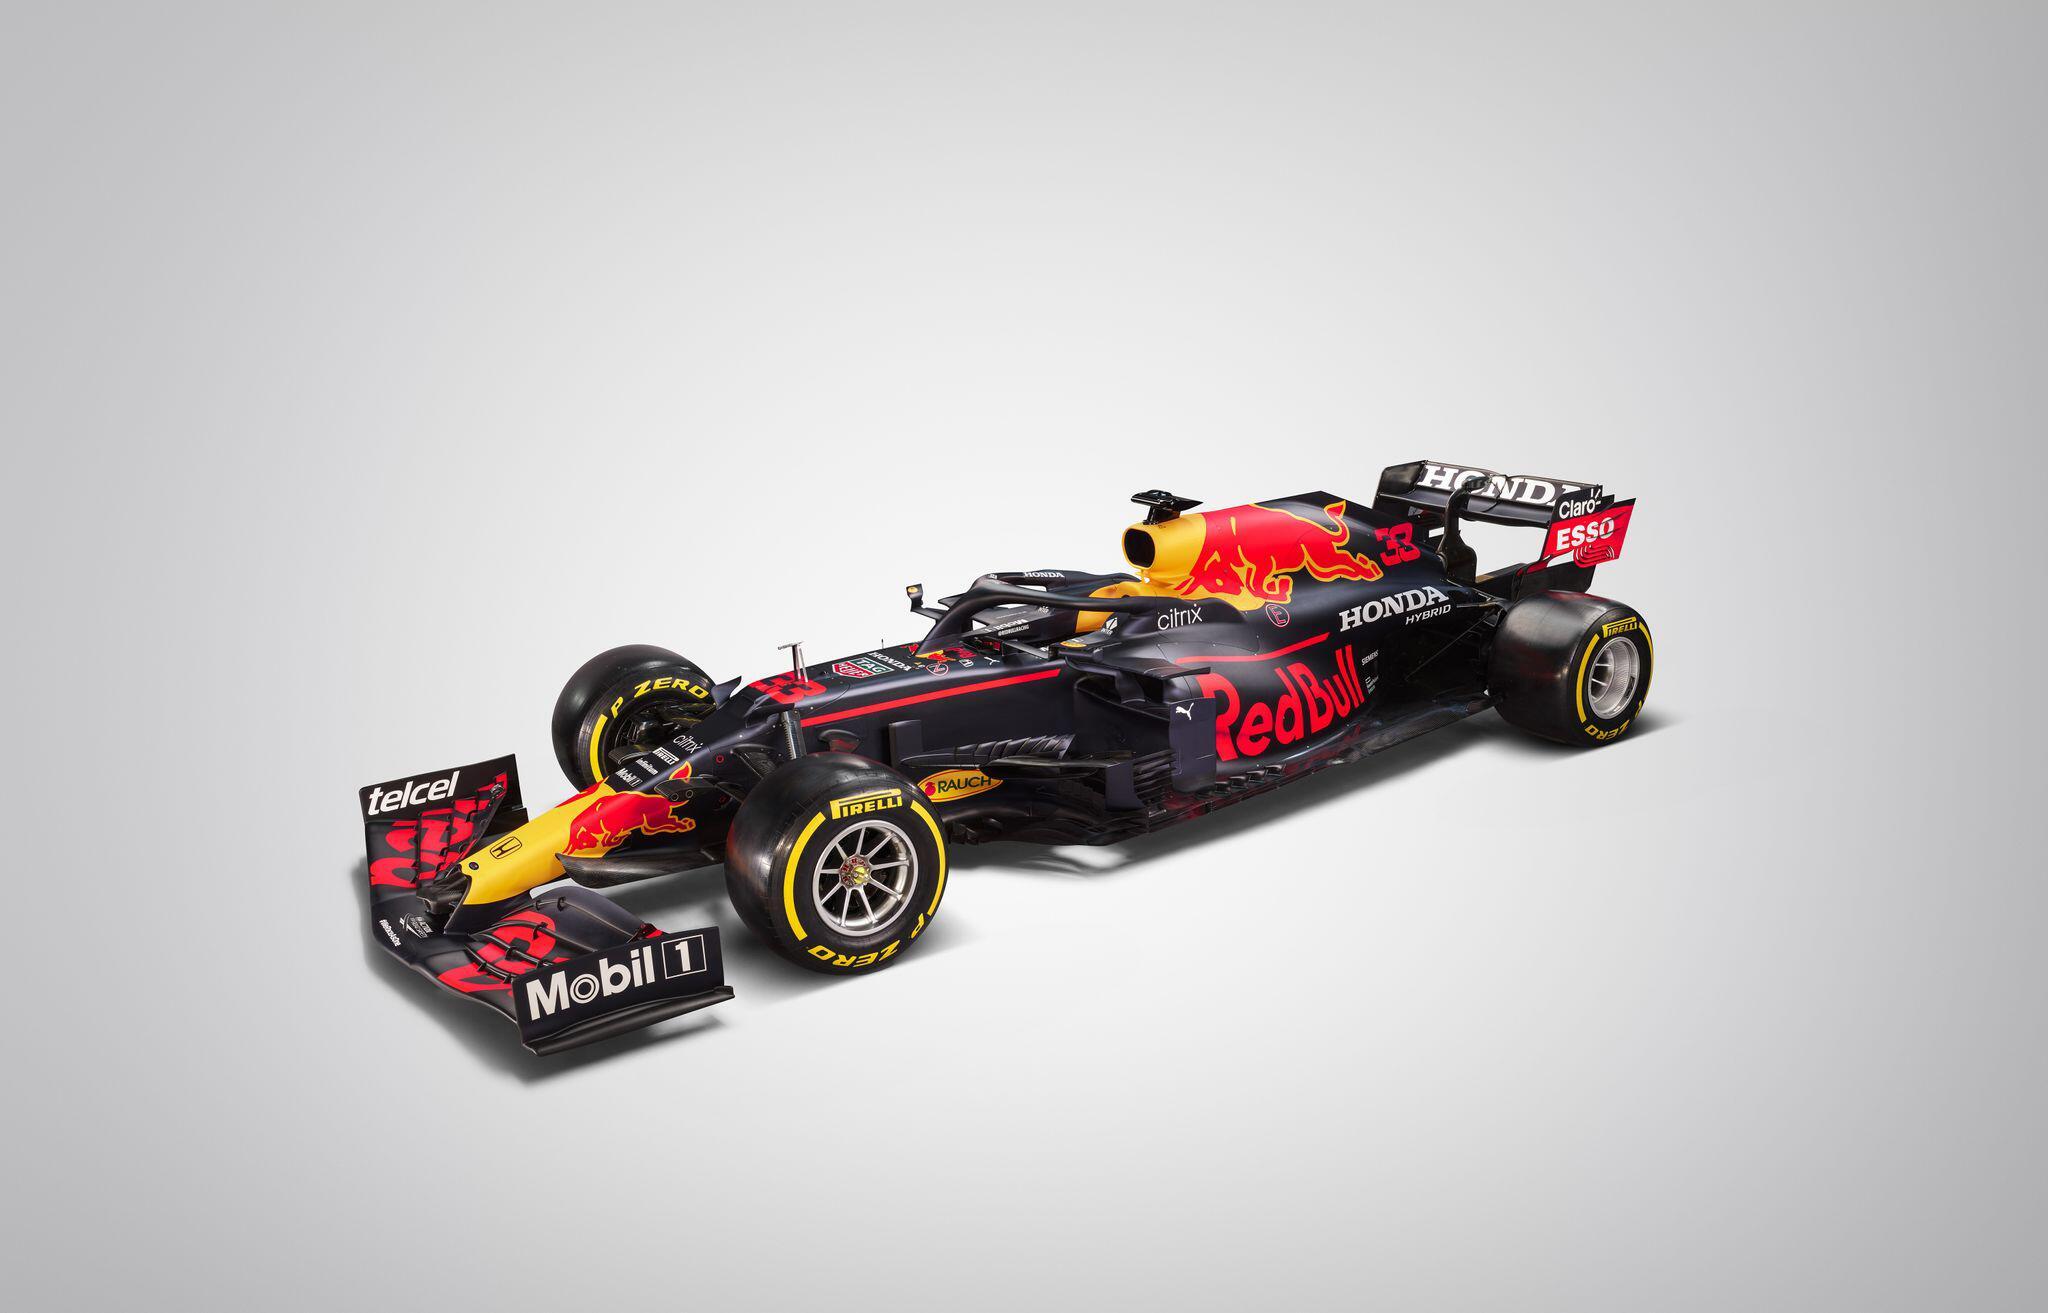 Bild zu Vorstellung des neuen Formel-1-Wagens RB16B von Red Bull